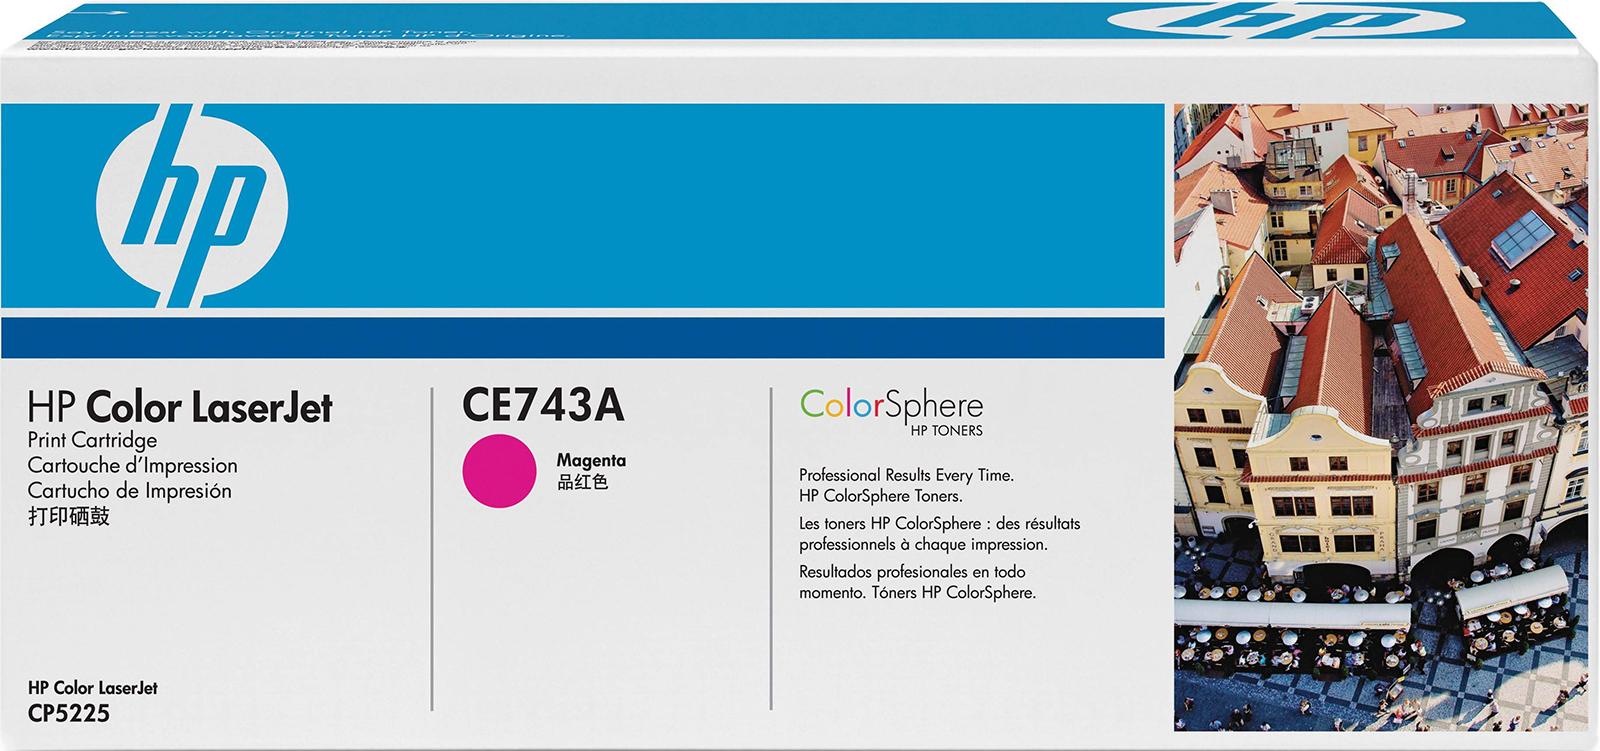 Картридж HP 307A, пурпурный, для лазерного принтера, оригинал картридж hp ce742a 307a для принтеров hp color laserjet cp5225 жёлтым 7300 страниц